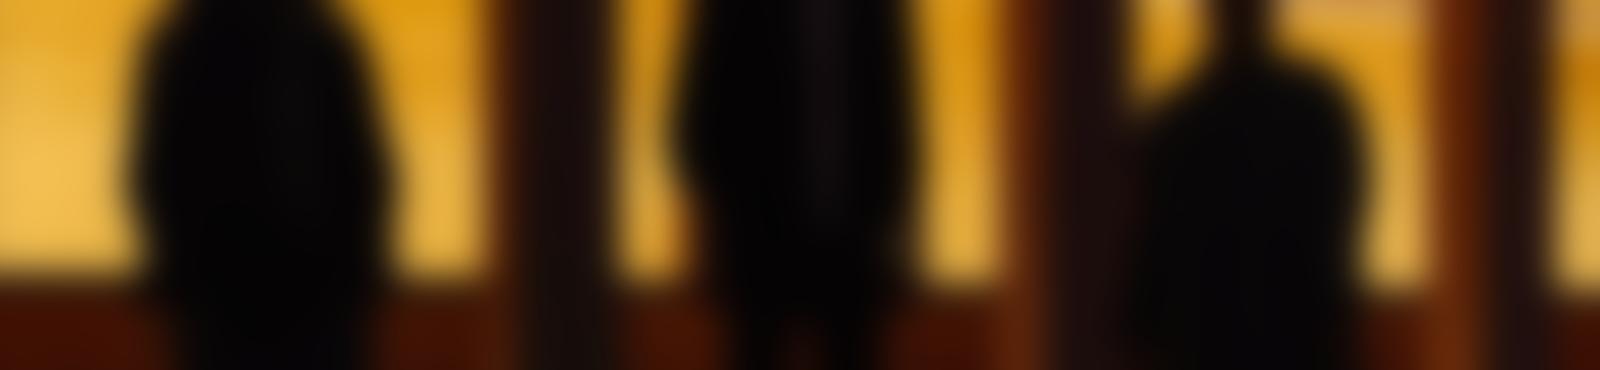 Blurred c118a177 40f3 4430 bcfc 5c37b549f6df